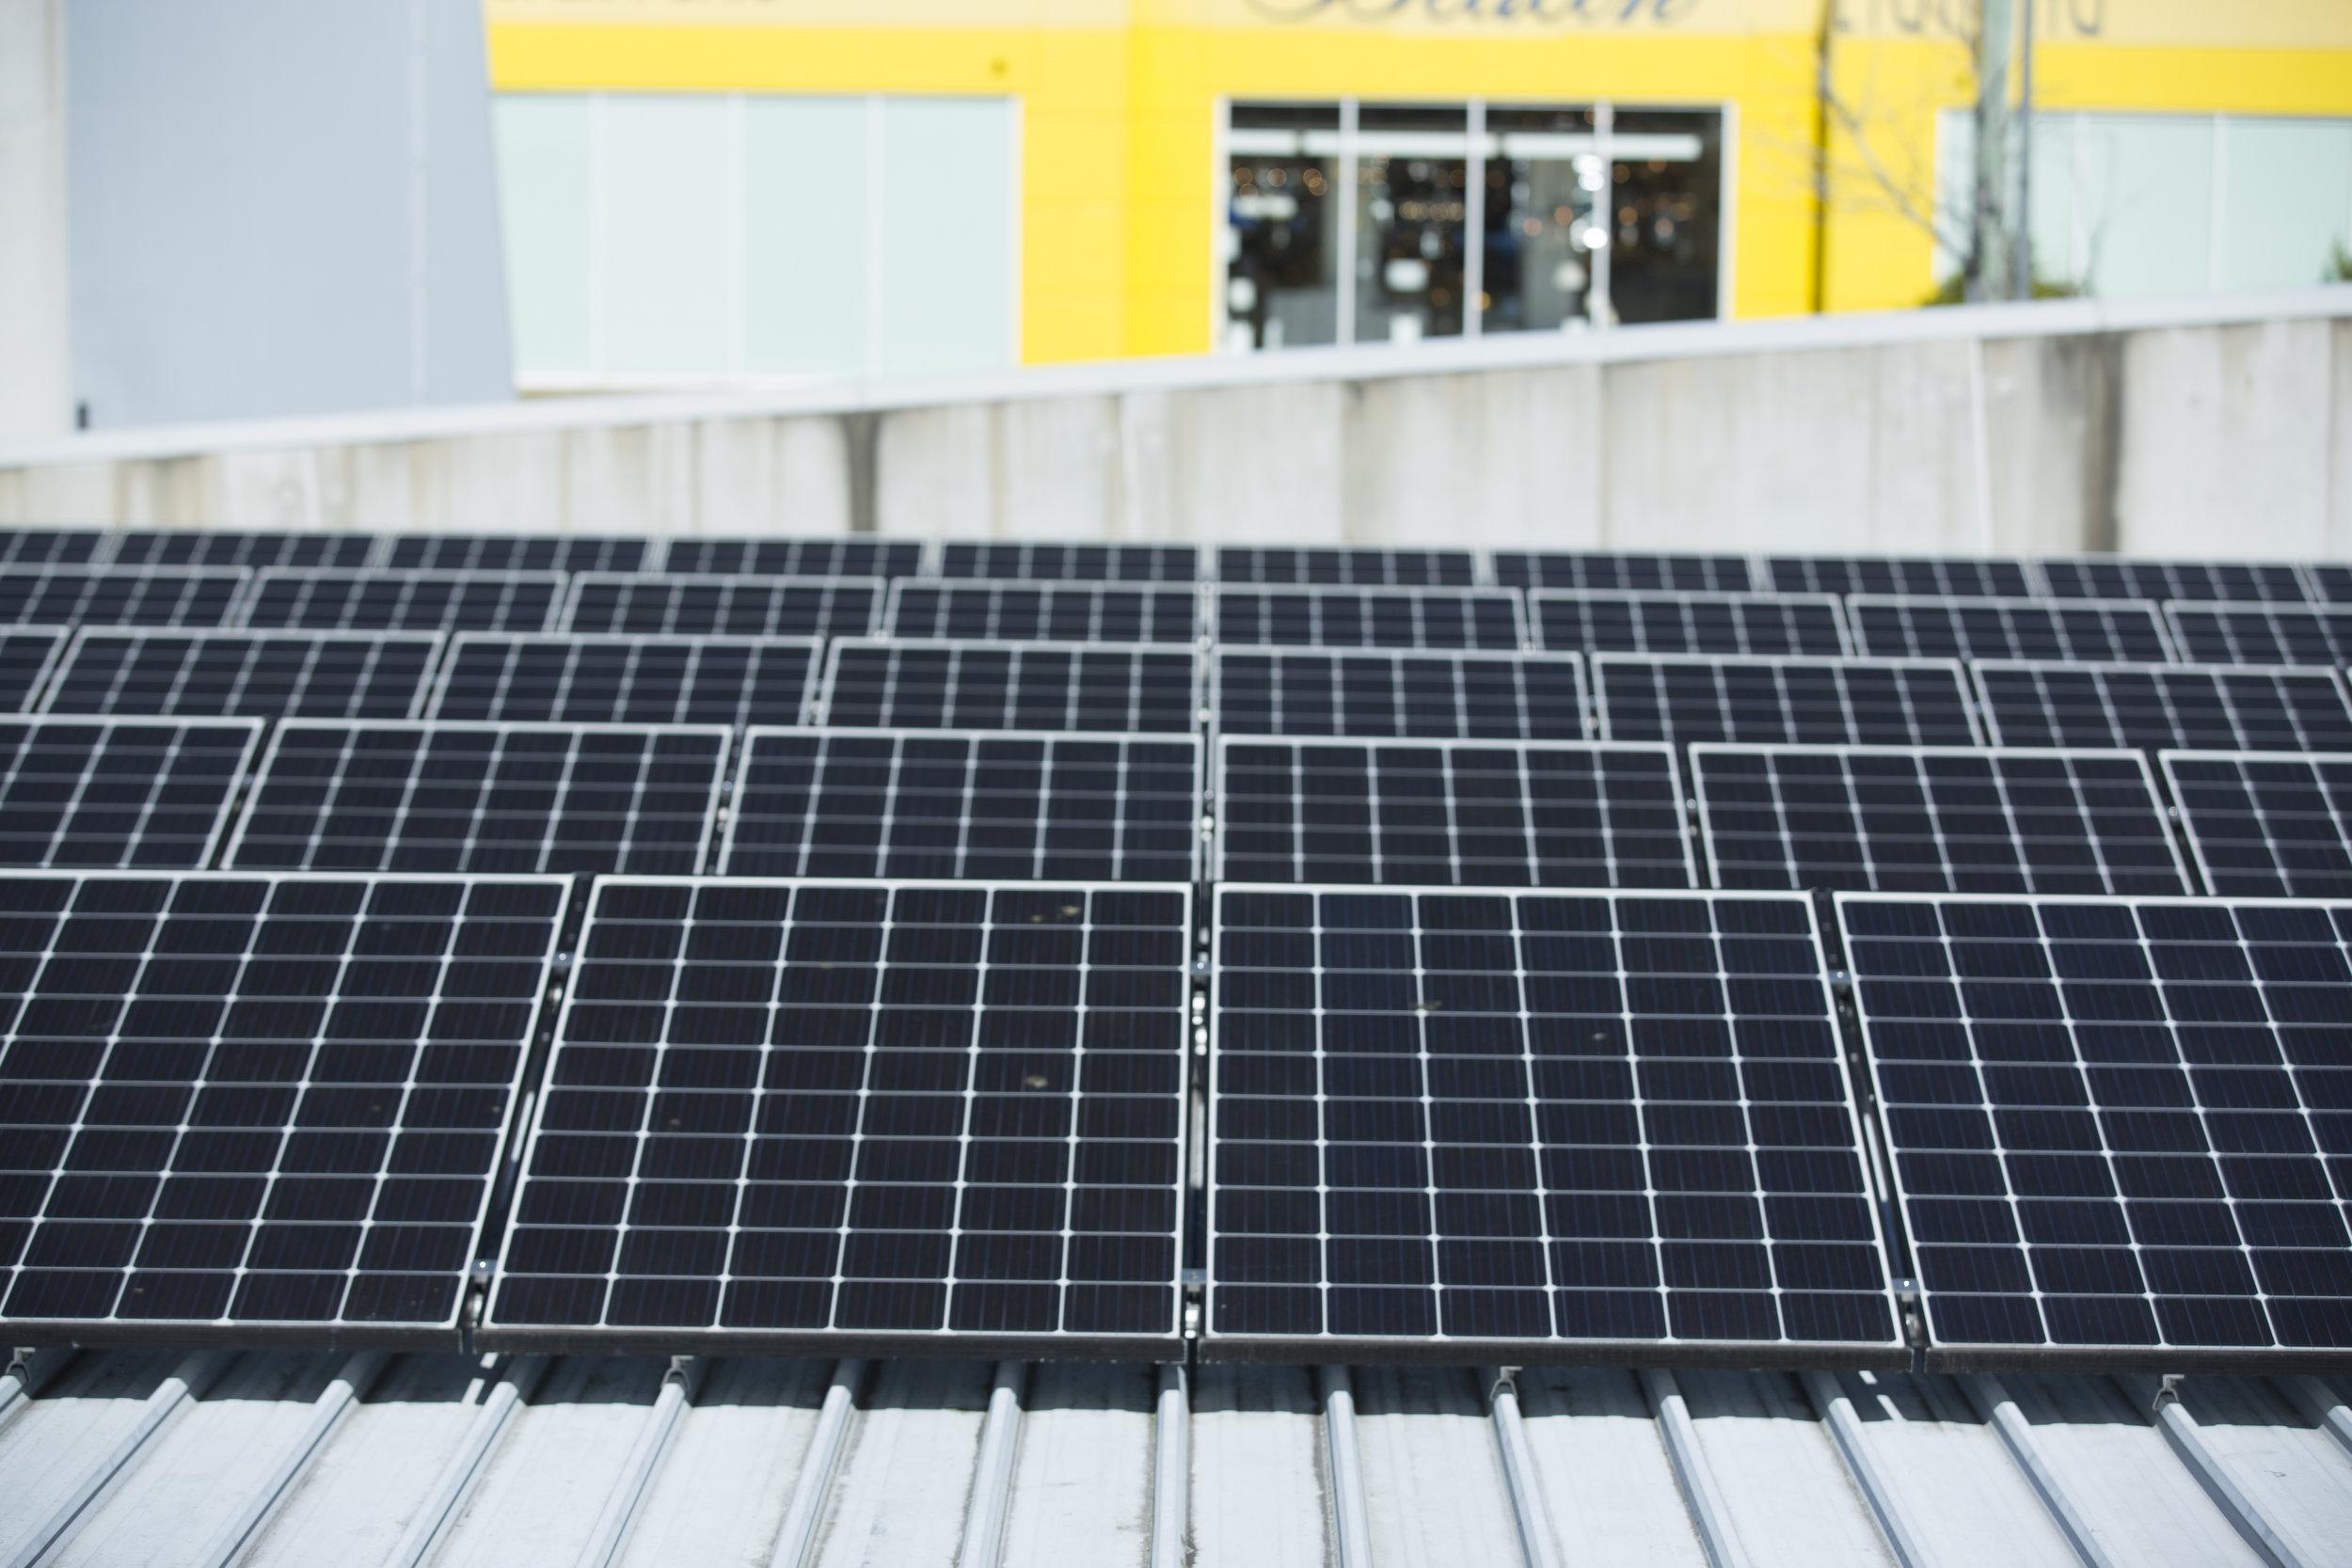 energyaware-5D-Jpegs-13.jpg